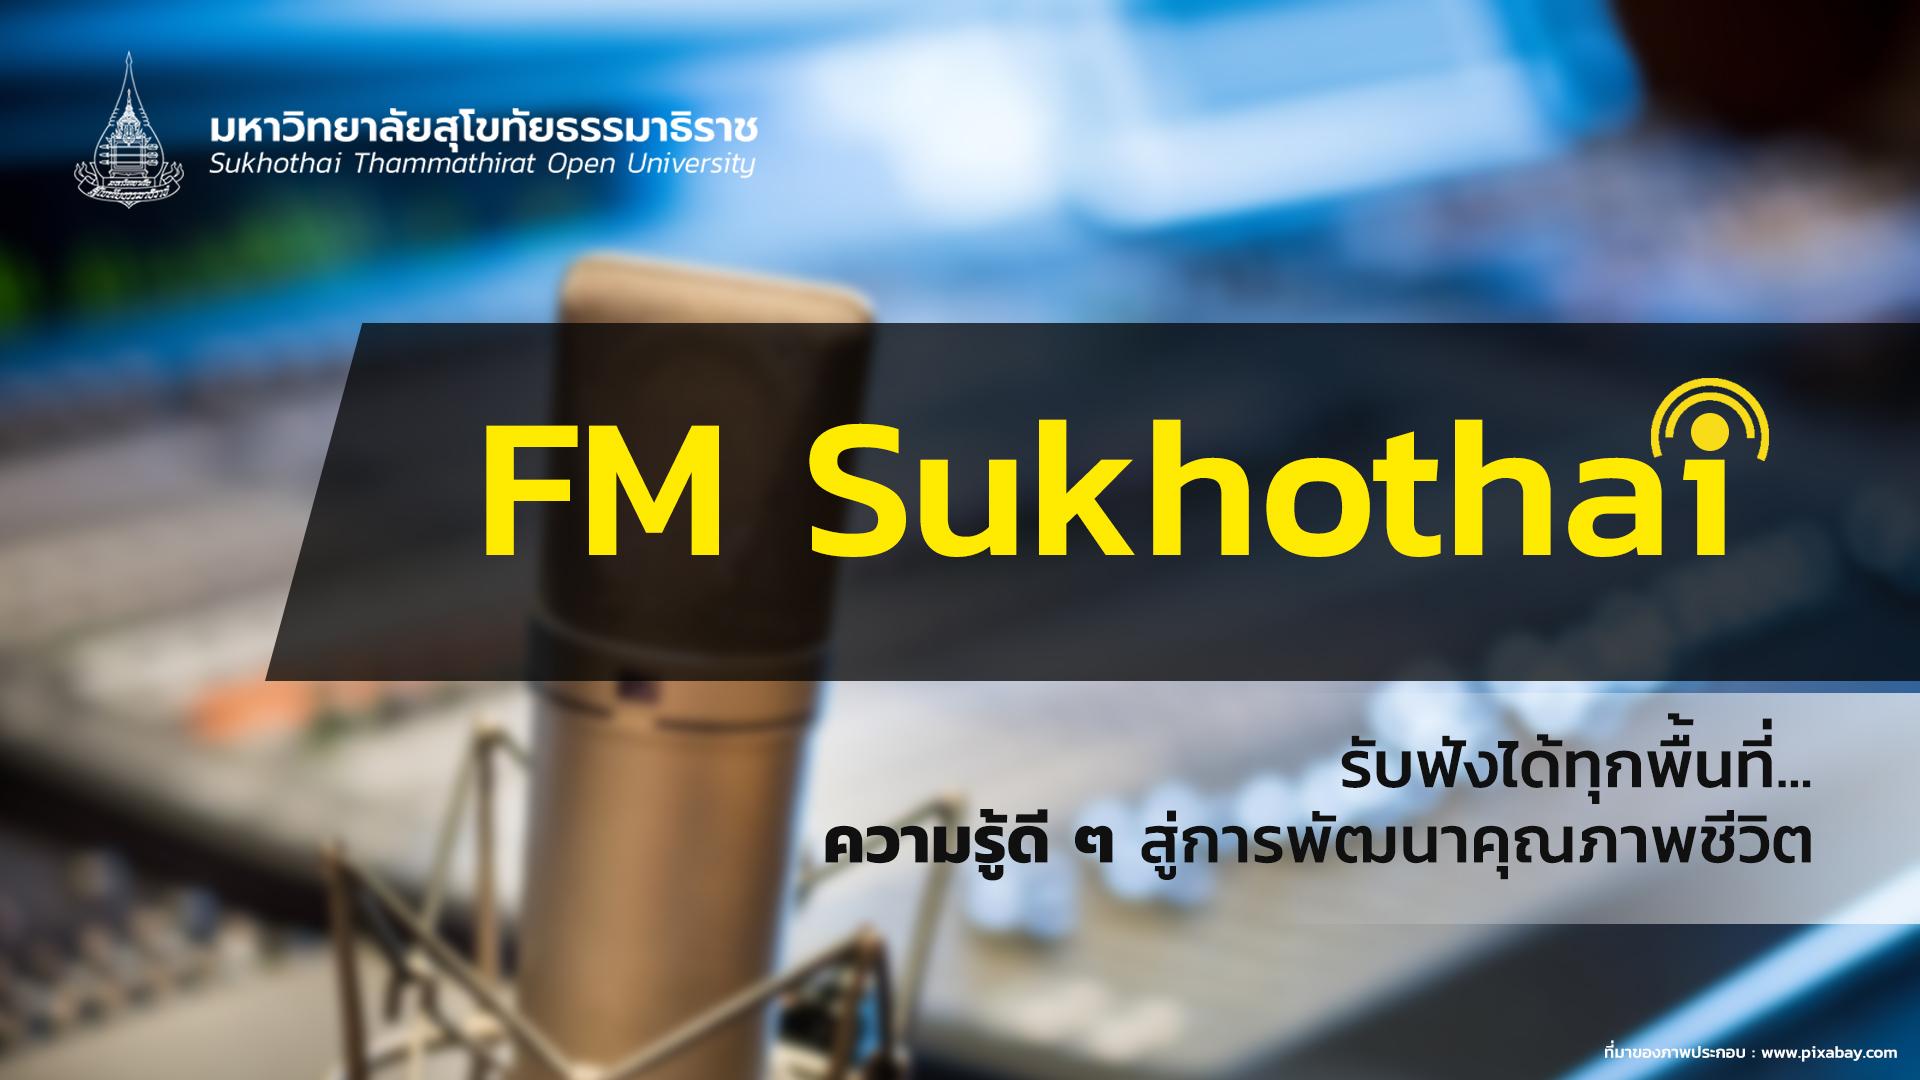 21323 การสอนกลุ่มทักษะ 1: ภาษาไทย รายการที่ 10